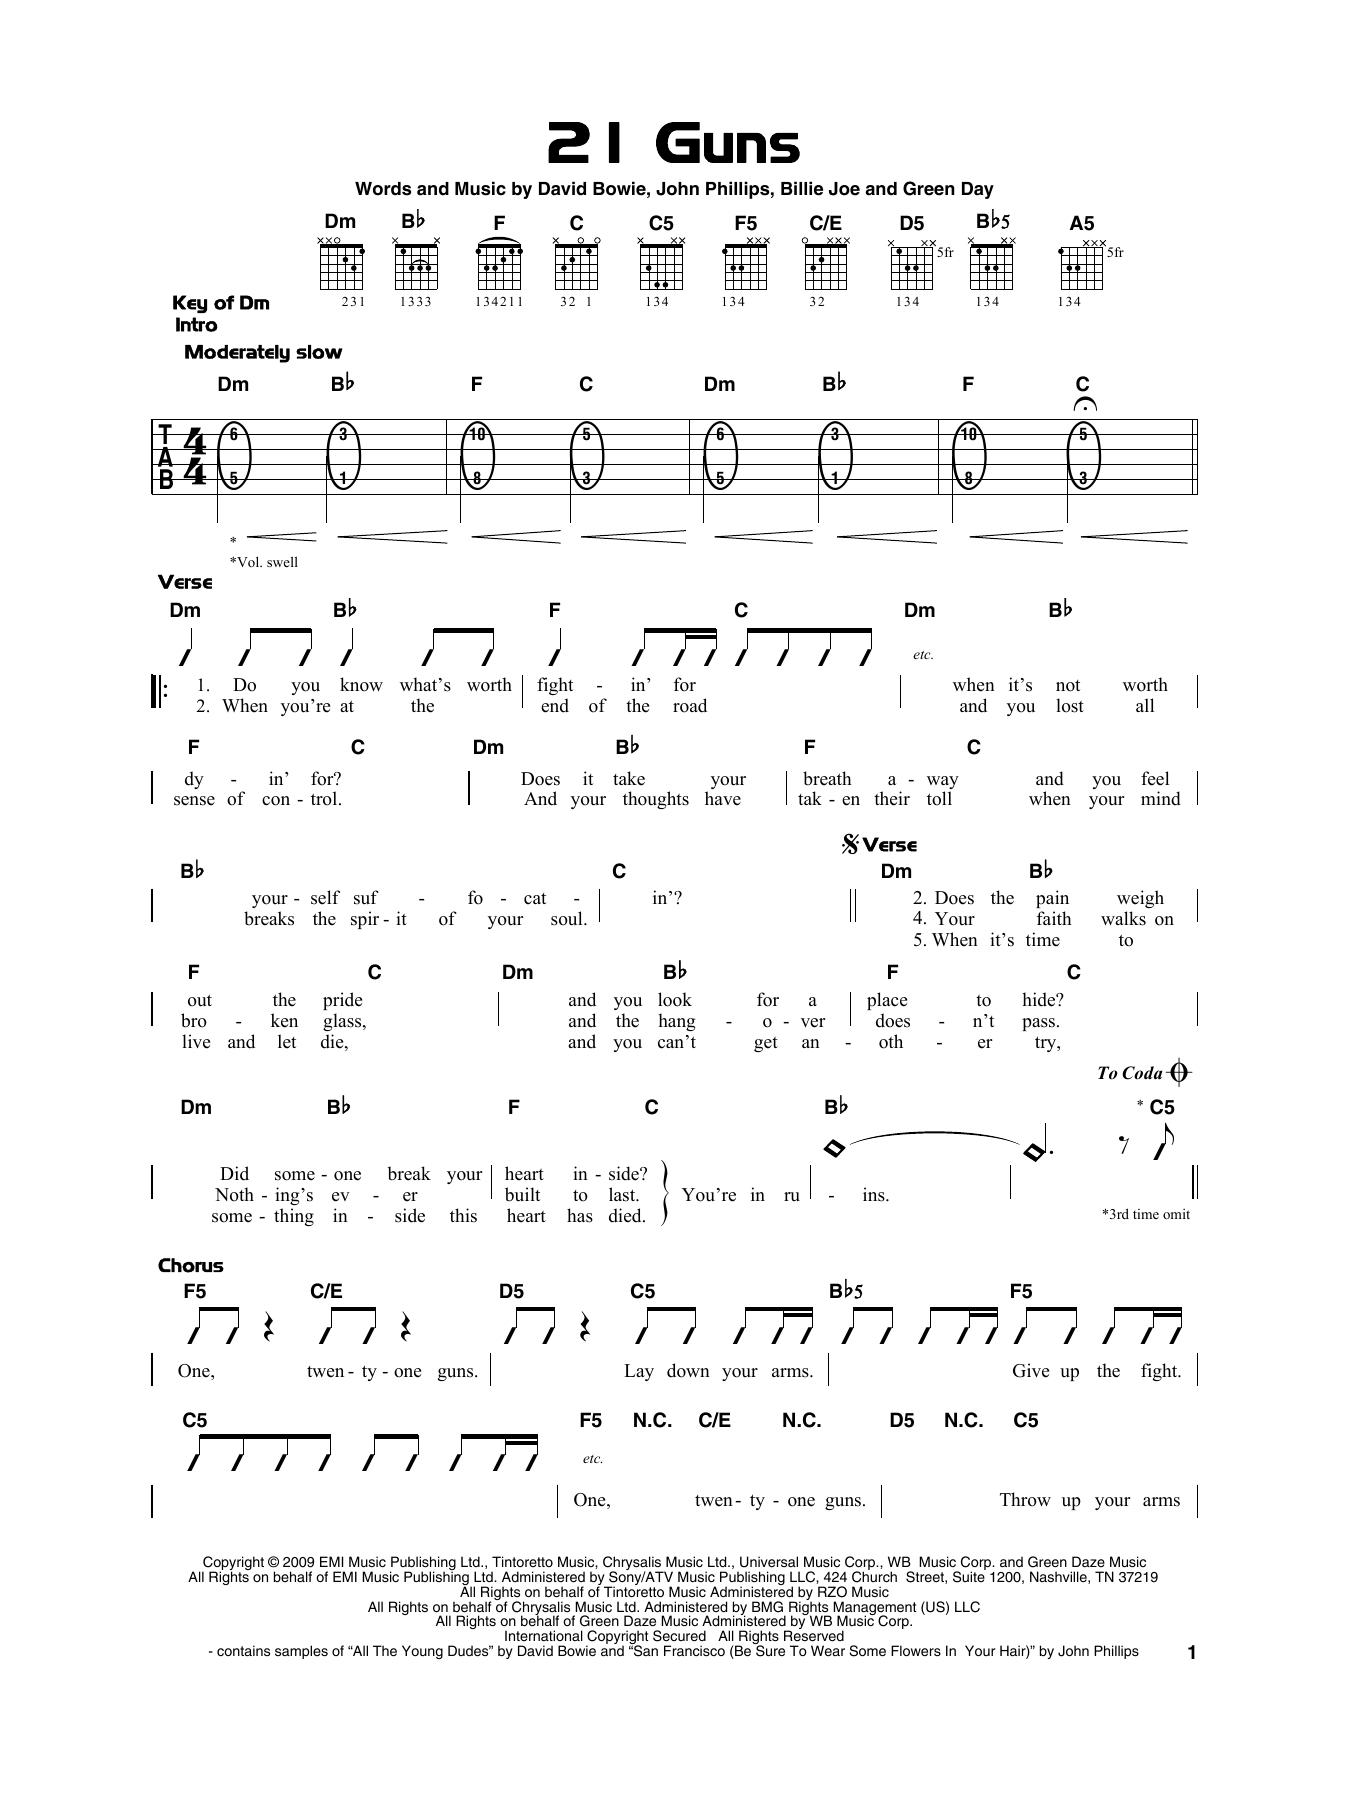 21 Guns Chords Green Day 21 Guns Sheet Music Notes Chords Download Printable Really Easy Guitar Sku 415300